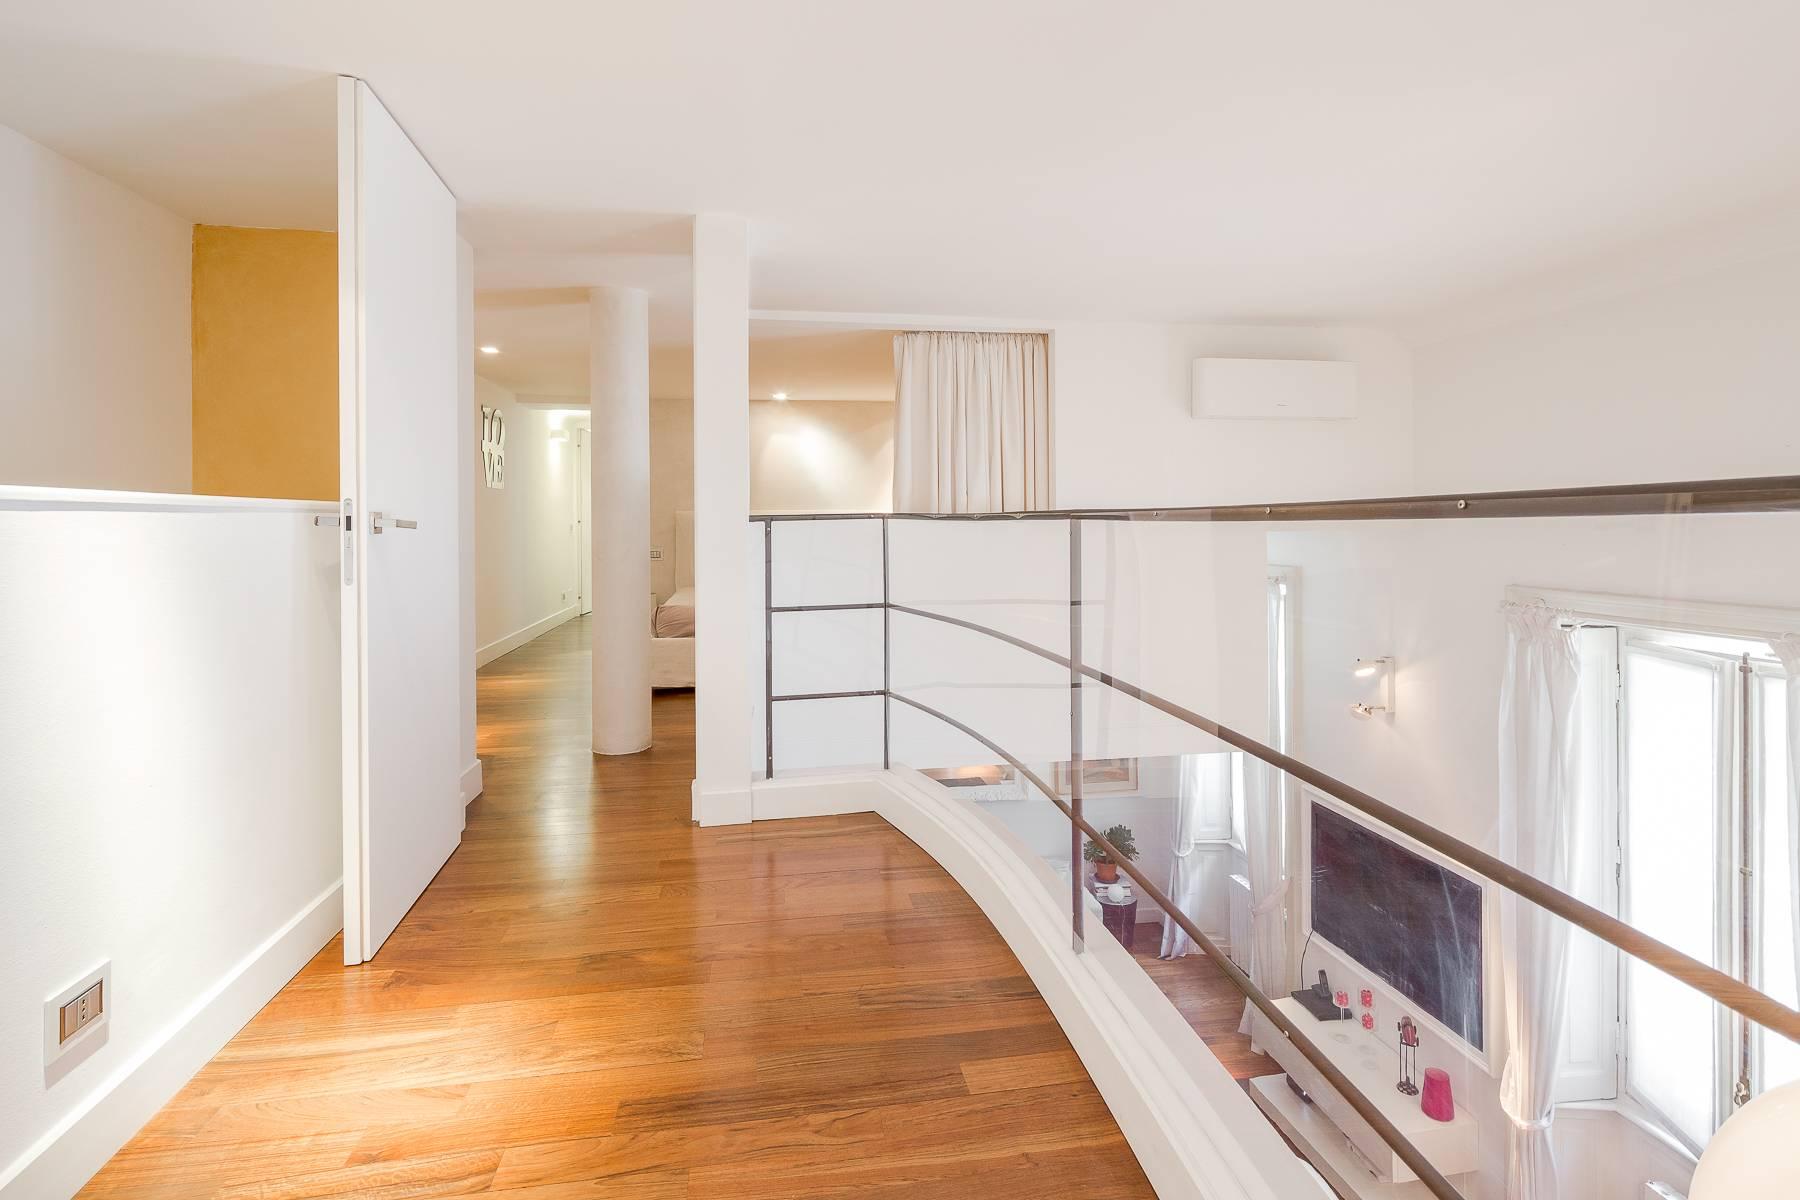 Appartamento in Vendita a Milano: 4 locali, 155 mq - Foto 15